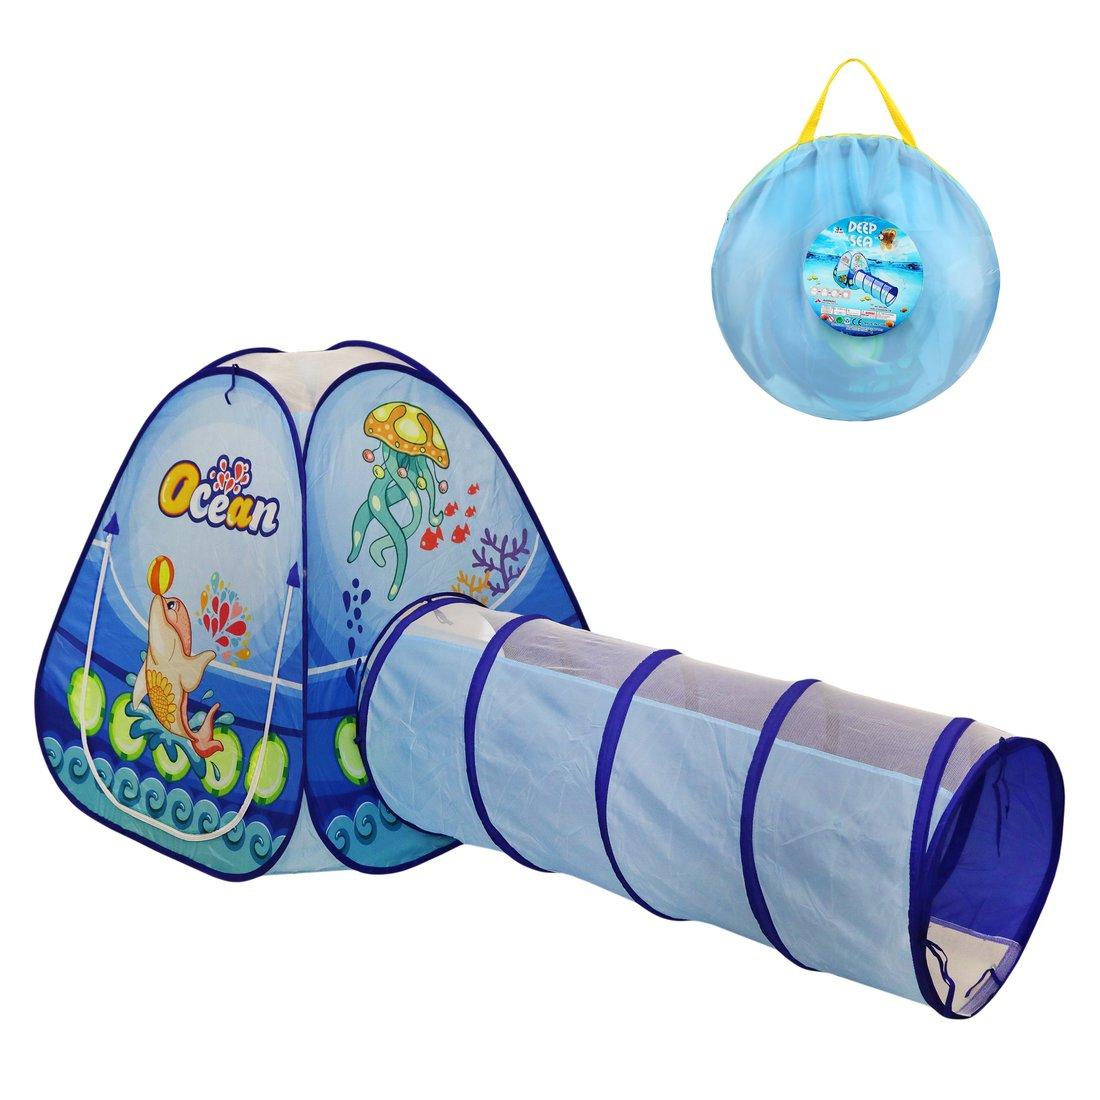 Палатка игровая с туннелем Океан, размер 210*90*90см, сумка на молнии